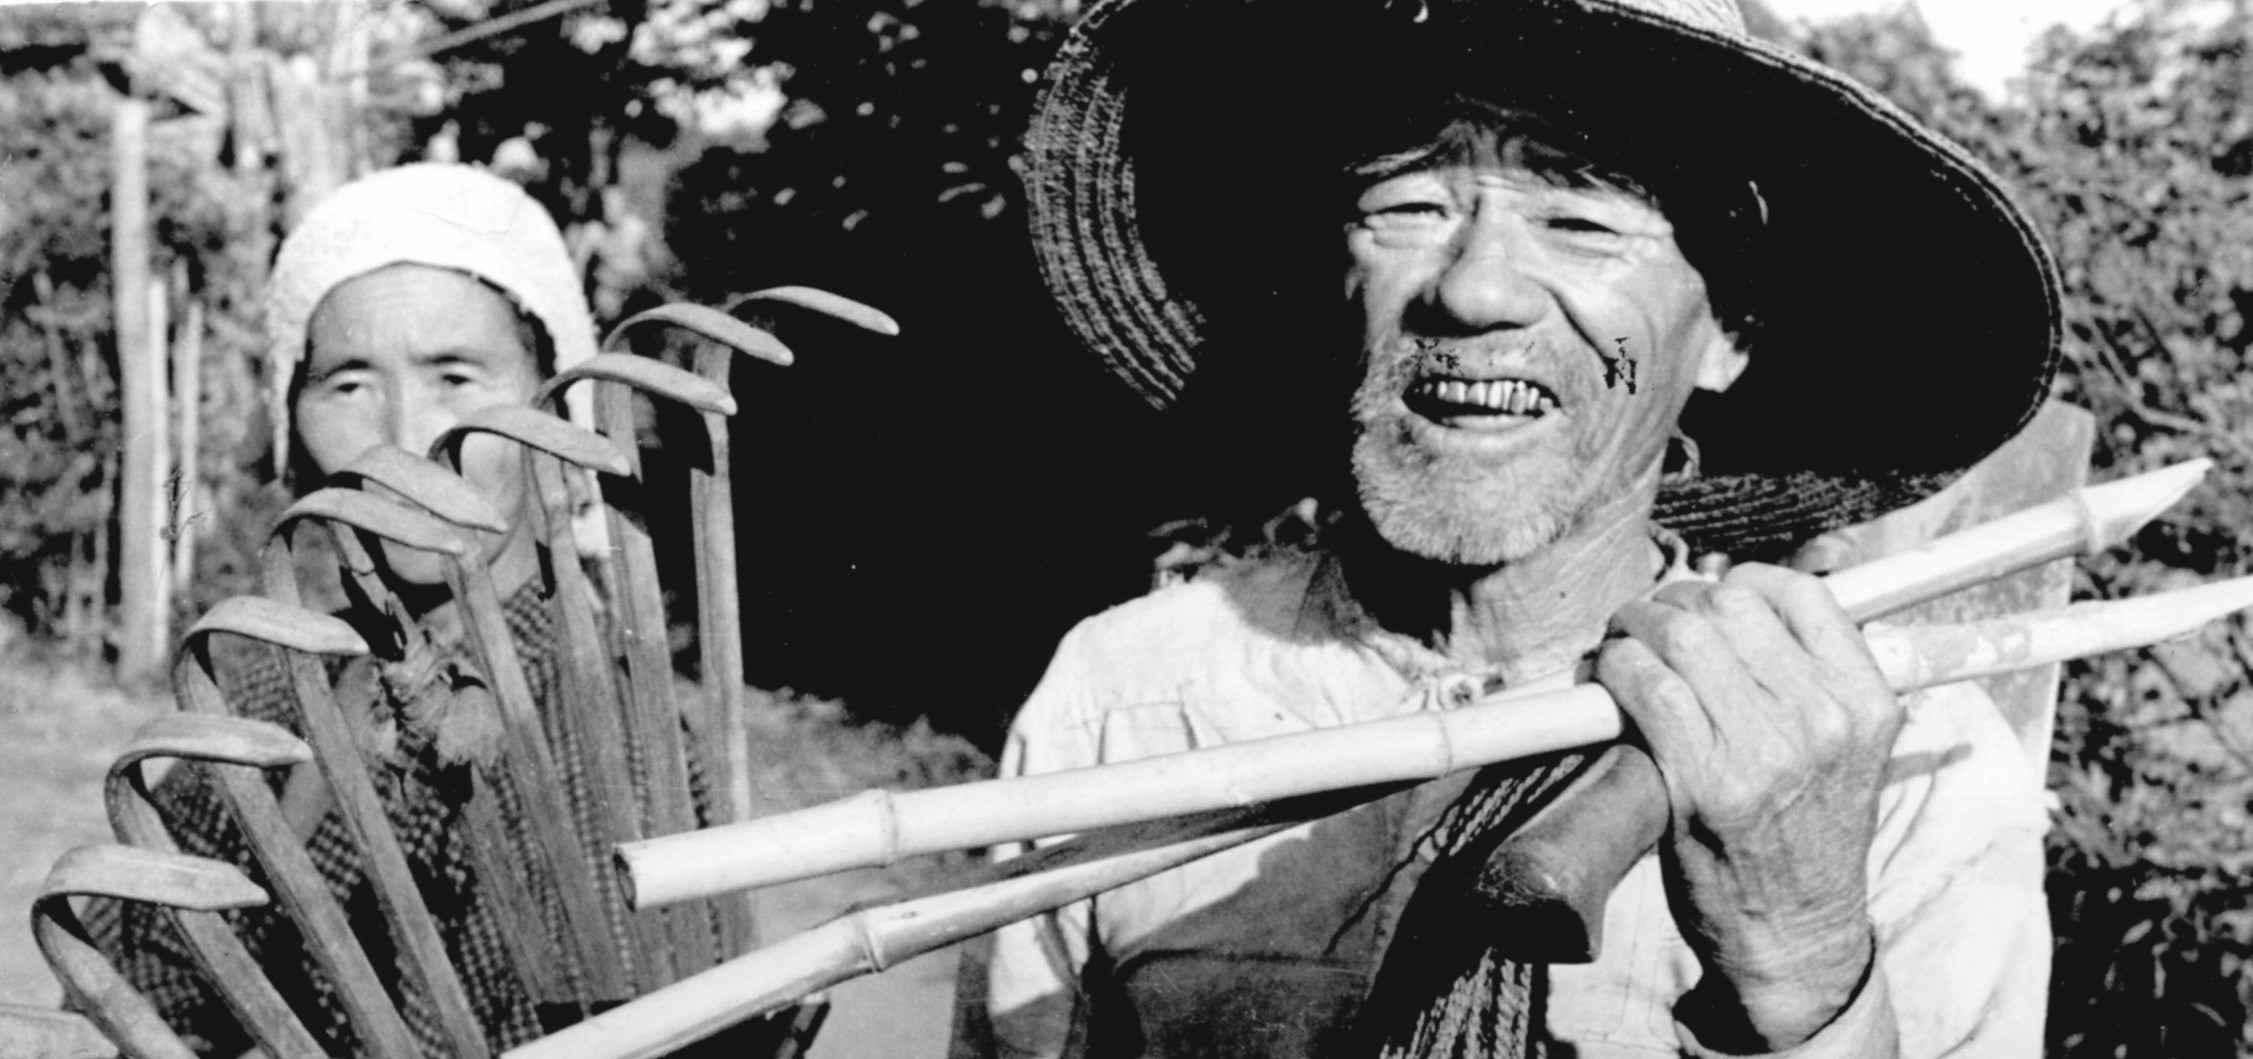 Экспонат #21. Съёмки японской деревни. Сентябрь 1945 года